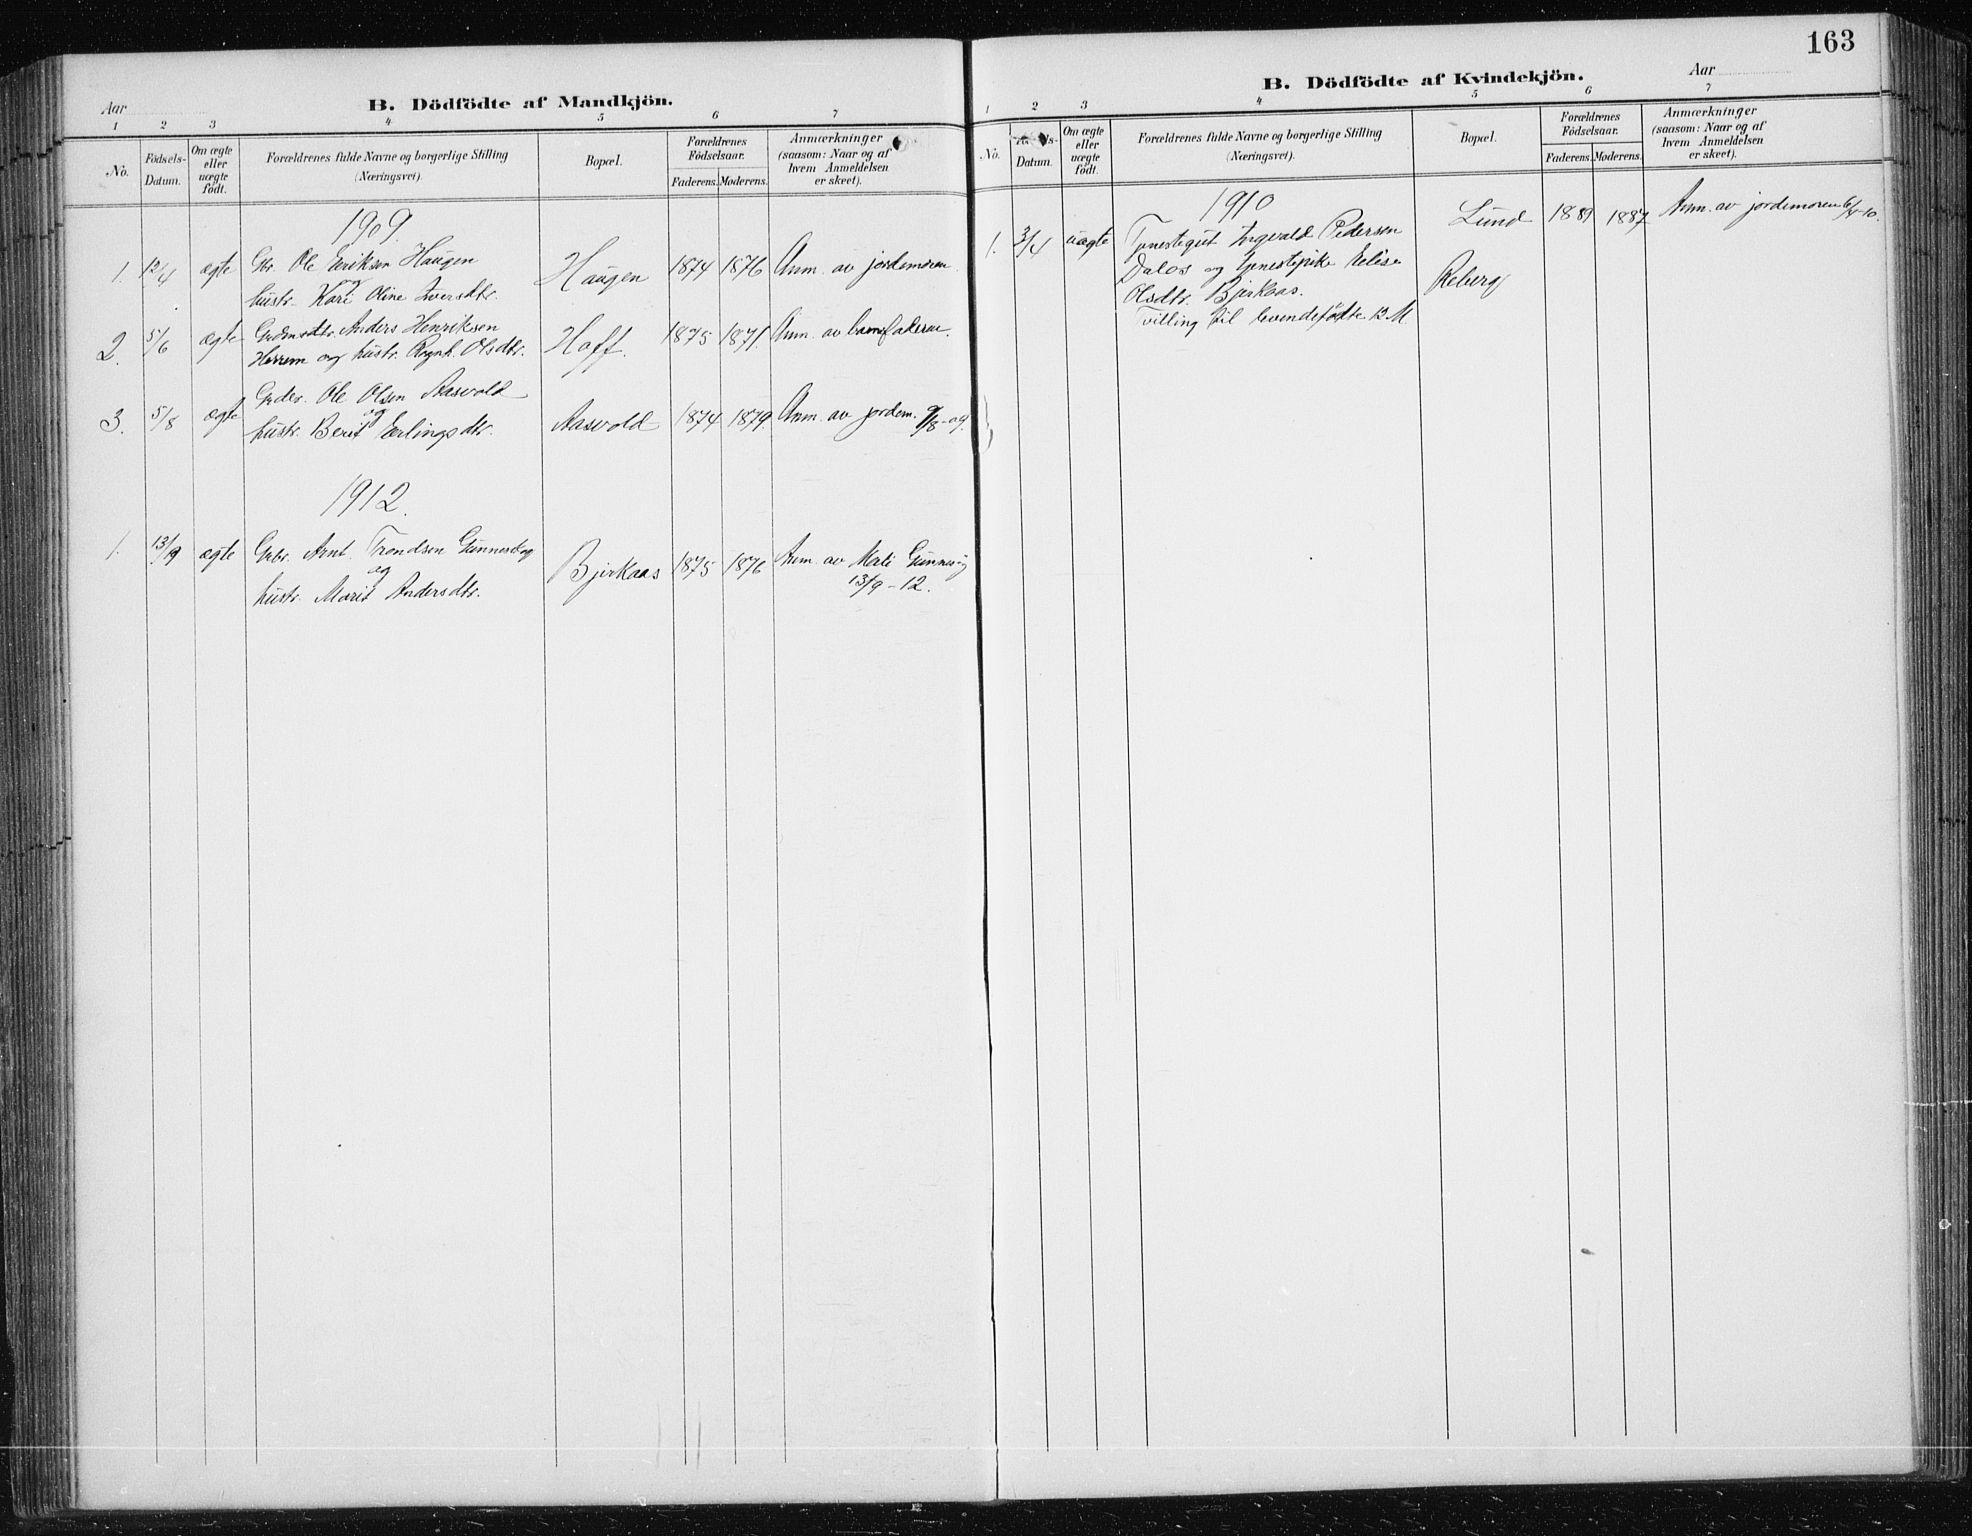 SAT, Ministerialprotokoller, klokkerbøker og fødselsregistre - Sør-Trøndelag, 674/L0876: Klokkerbok nr. 674C03, 1892-1912, s. 163